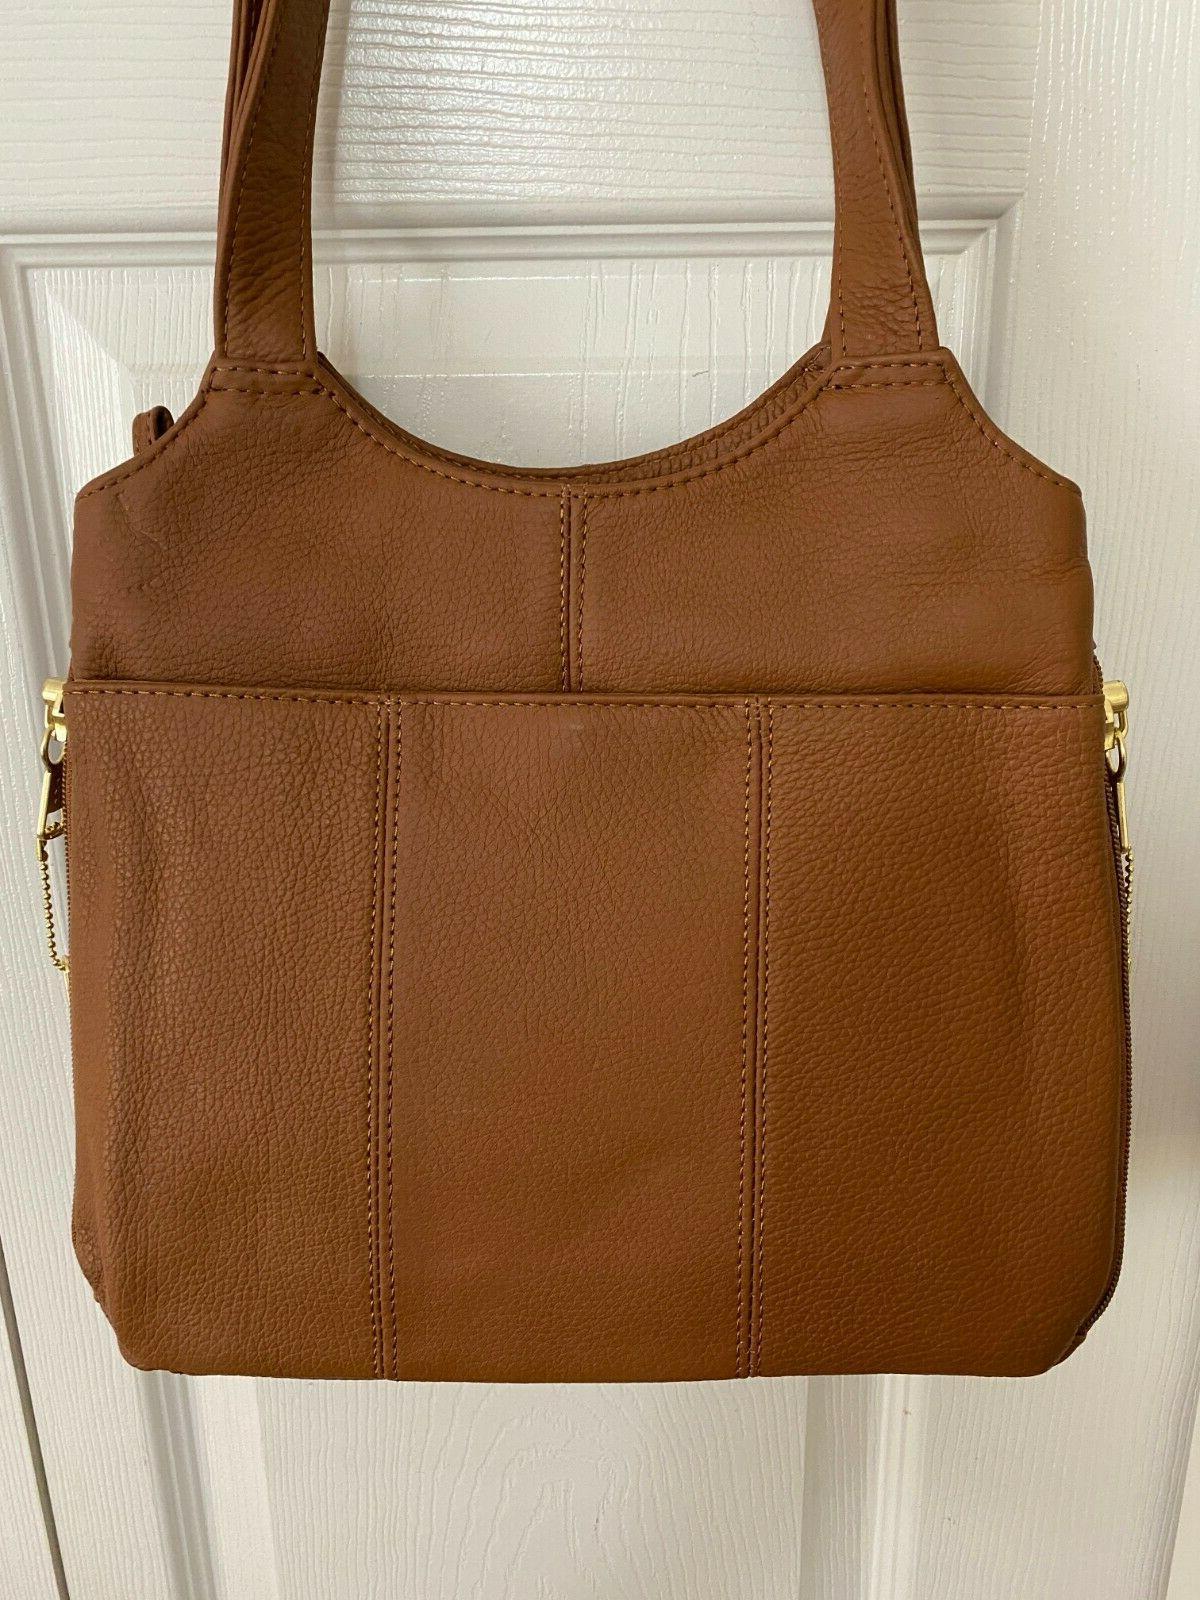 Roma or LEFT Carry Shoulder Bag CARAMEL